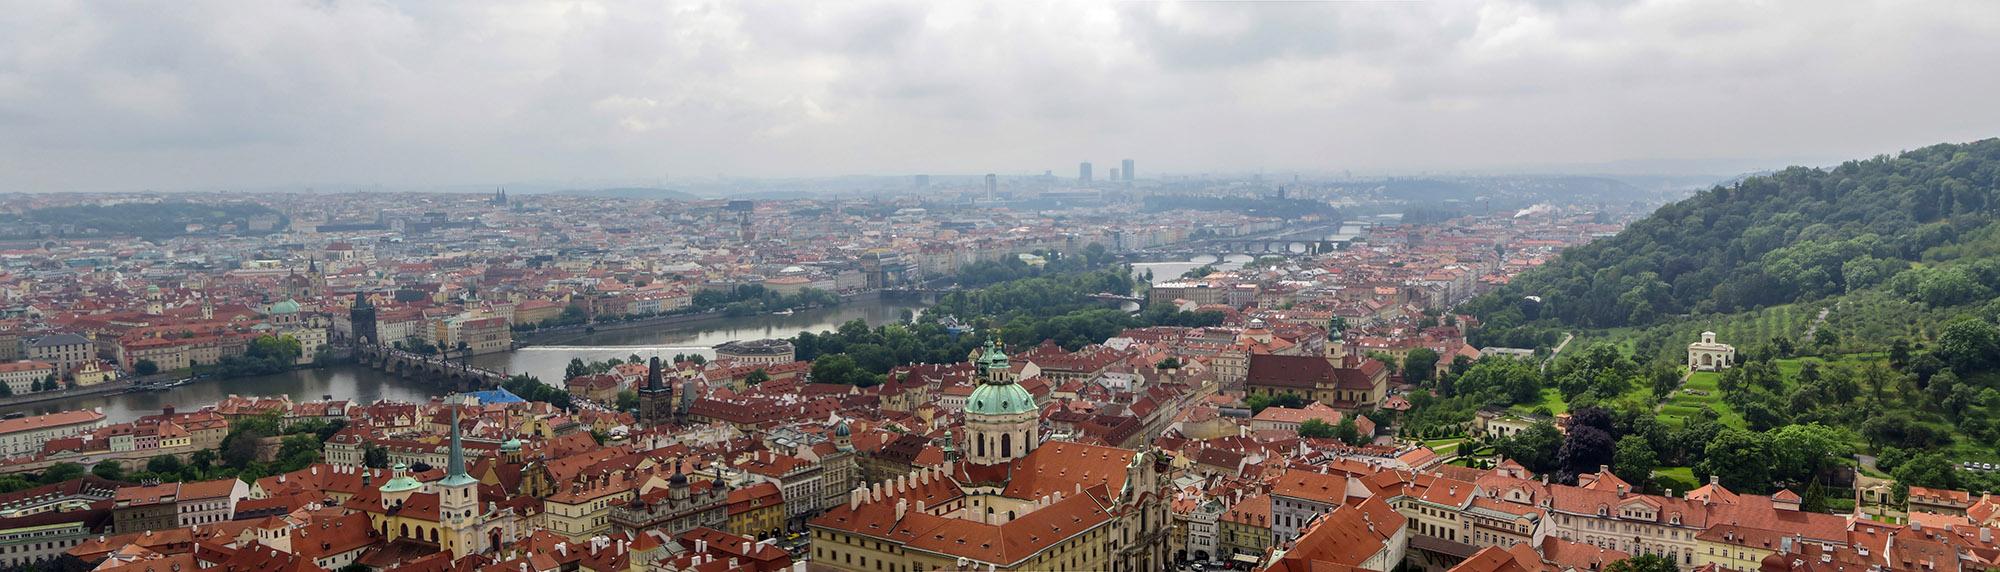 Prag_Panorama1